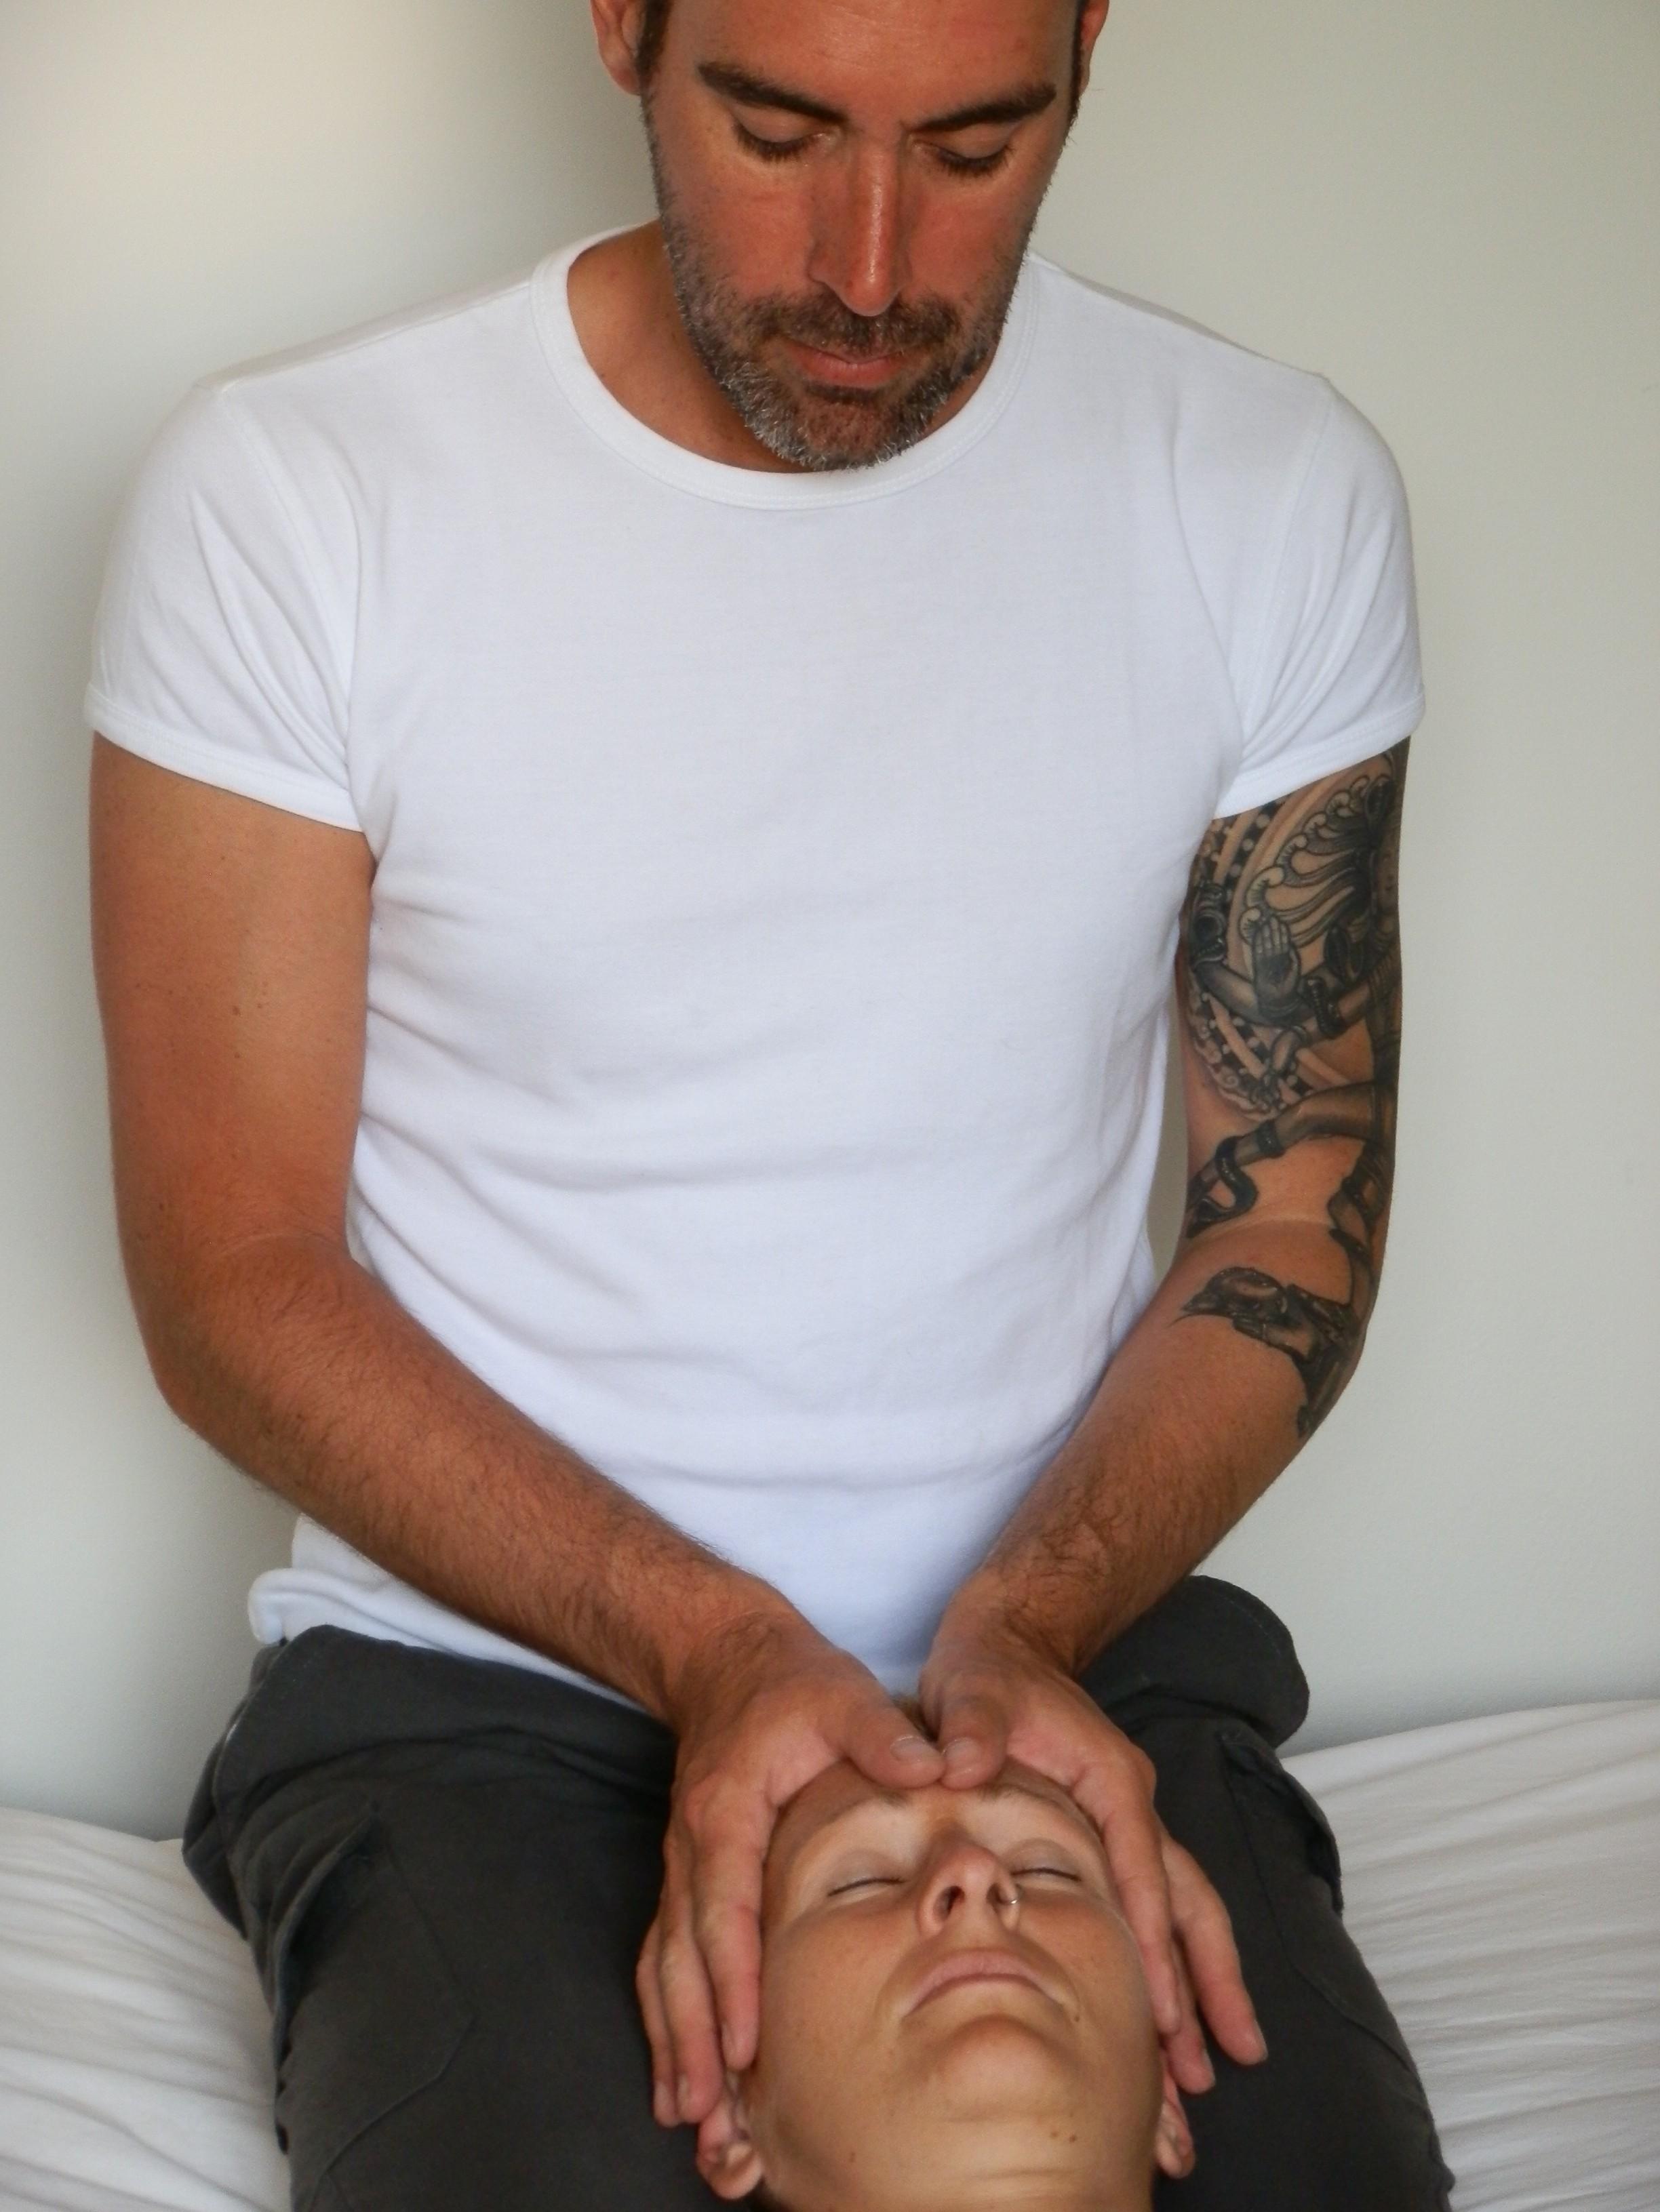 vincent-pezet-osteothai-reiki-treatments